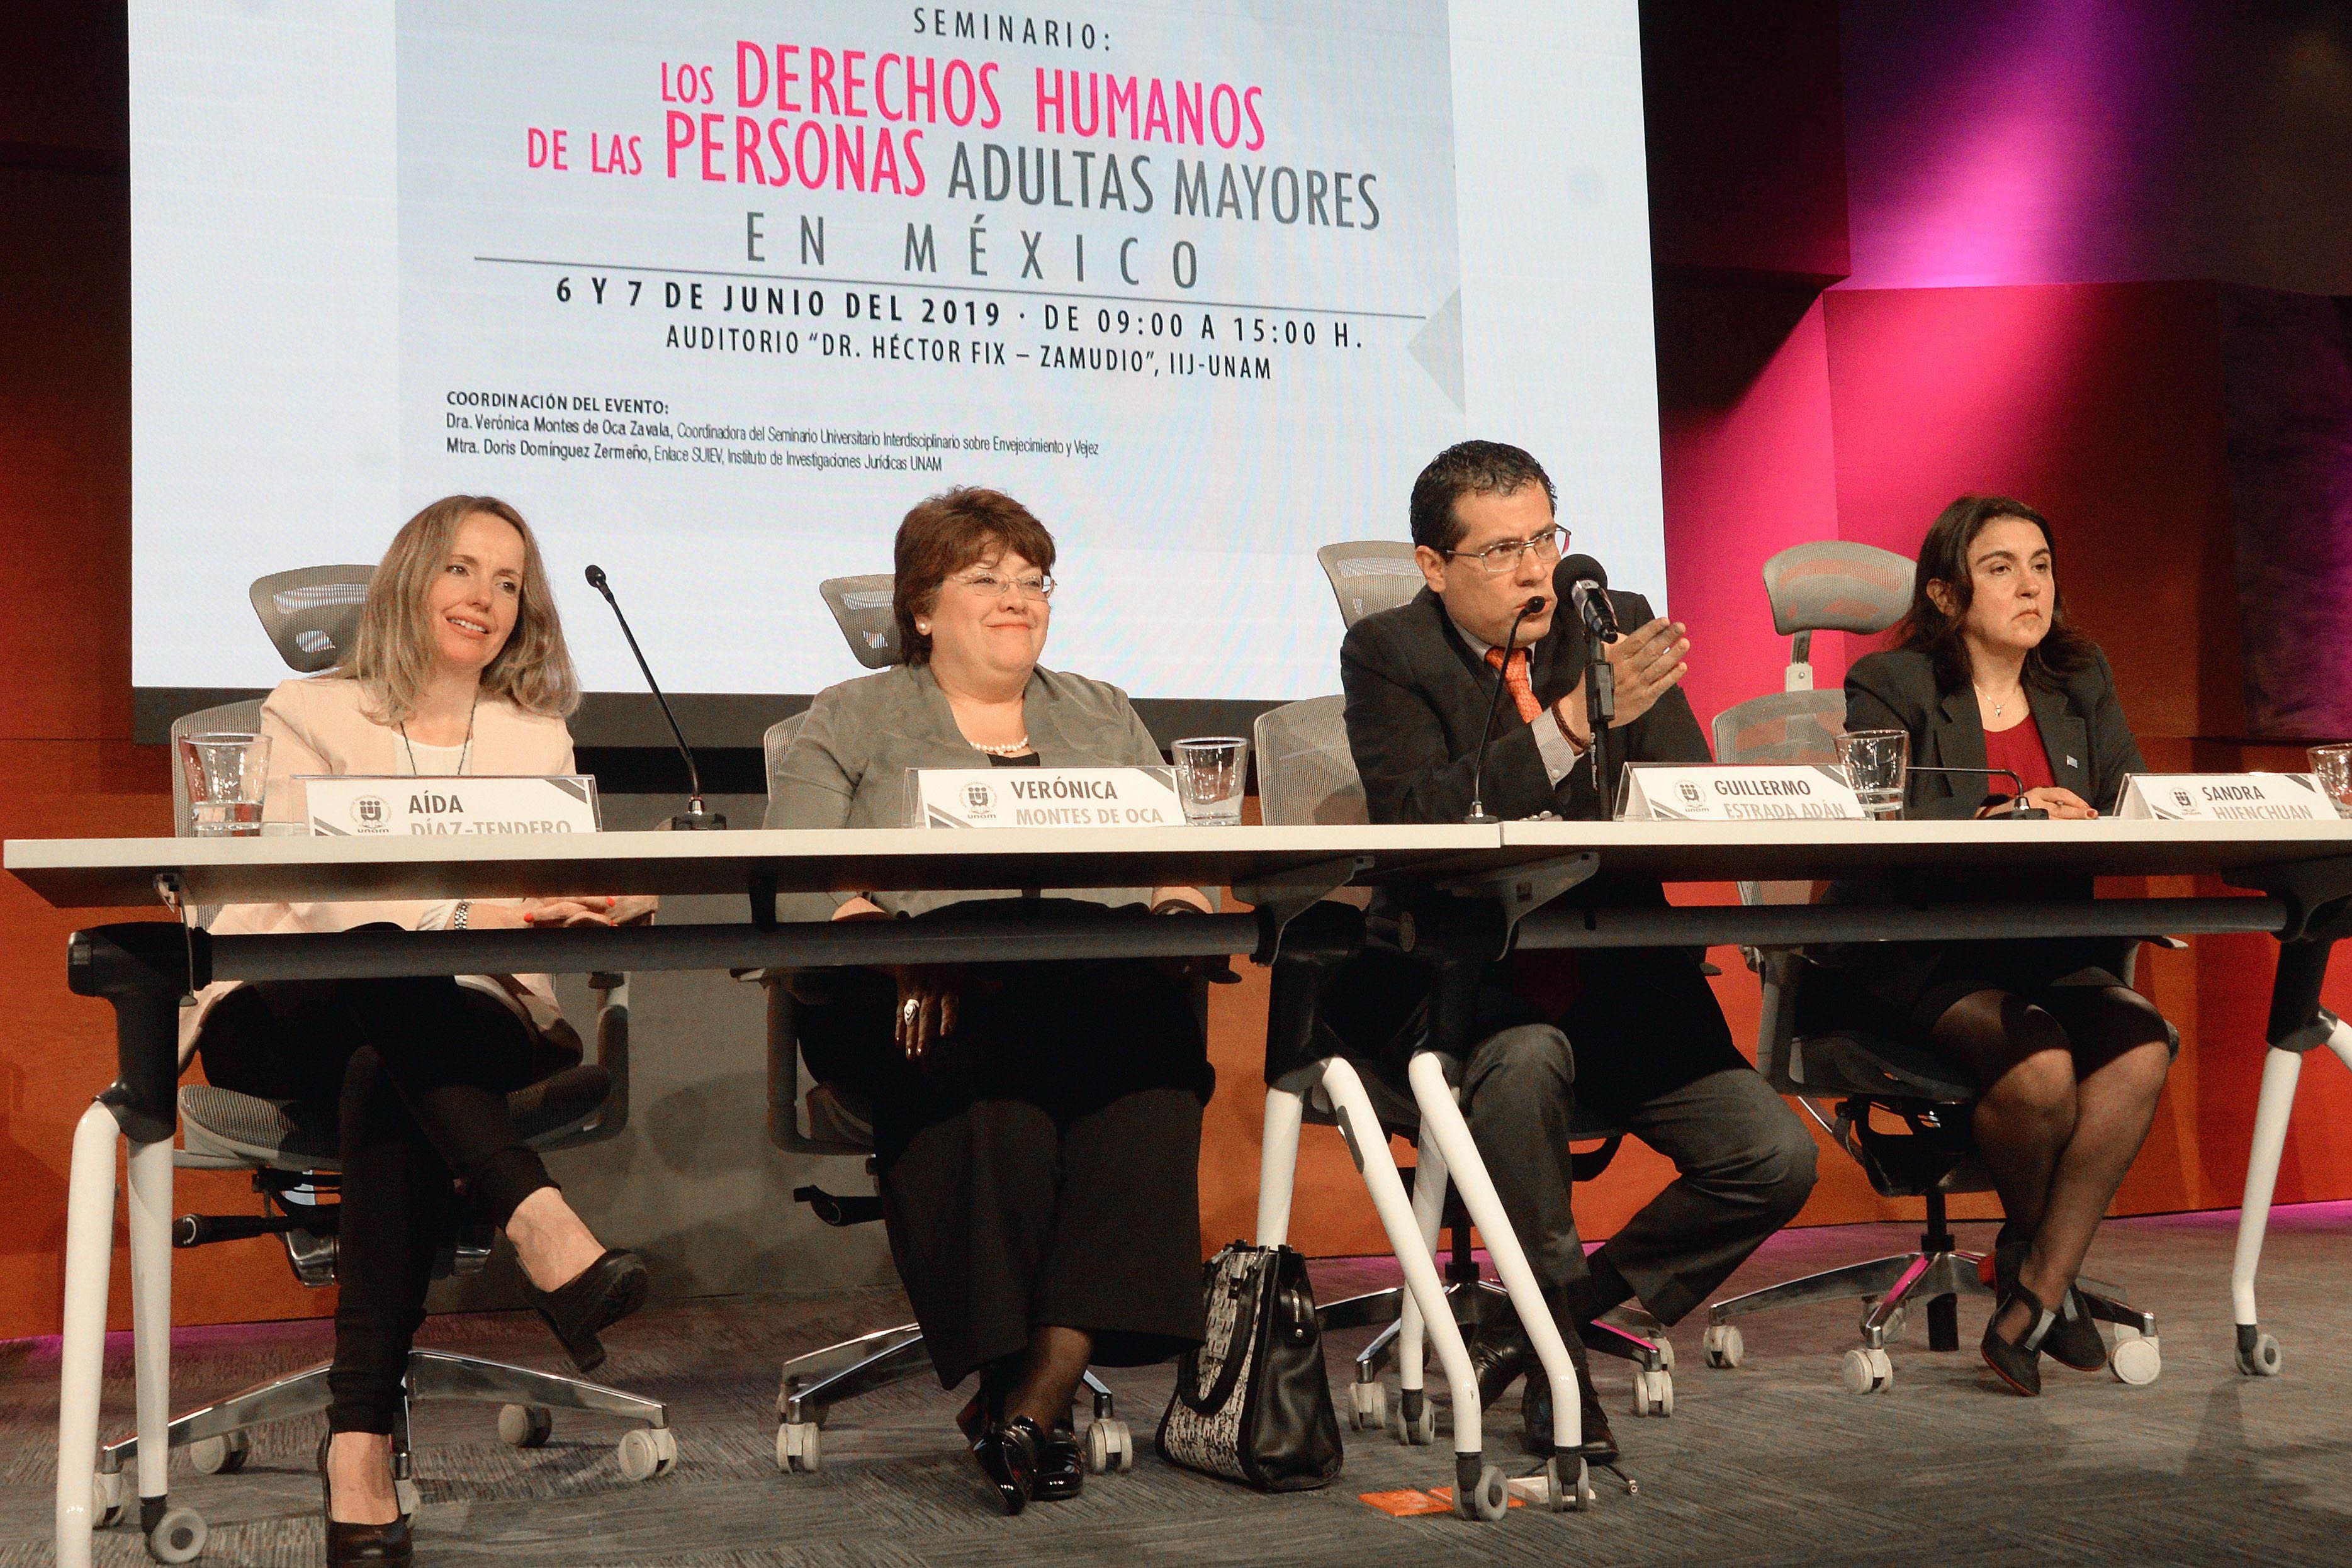 Carece de Seguridad Social el 40 por ciento de los Adultos Mayores en Latinoamérica